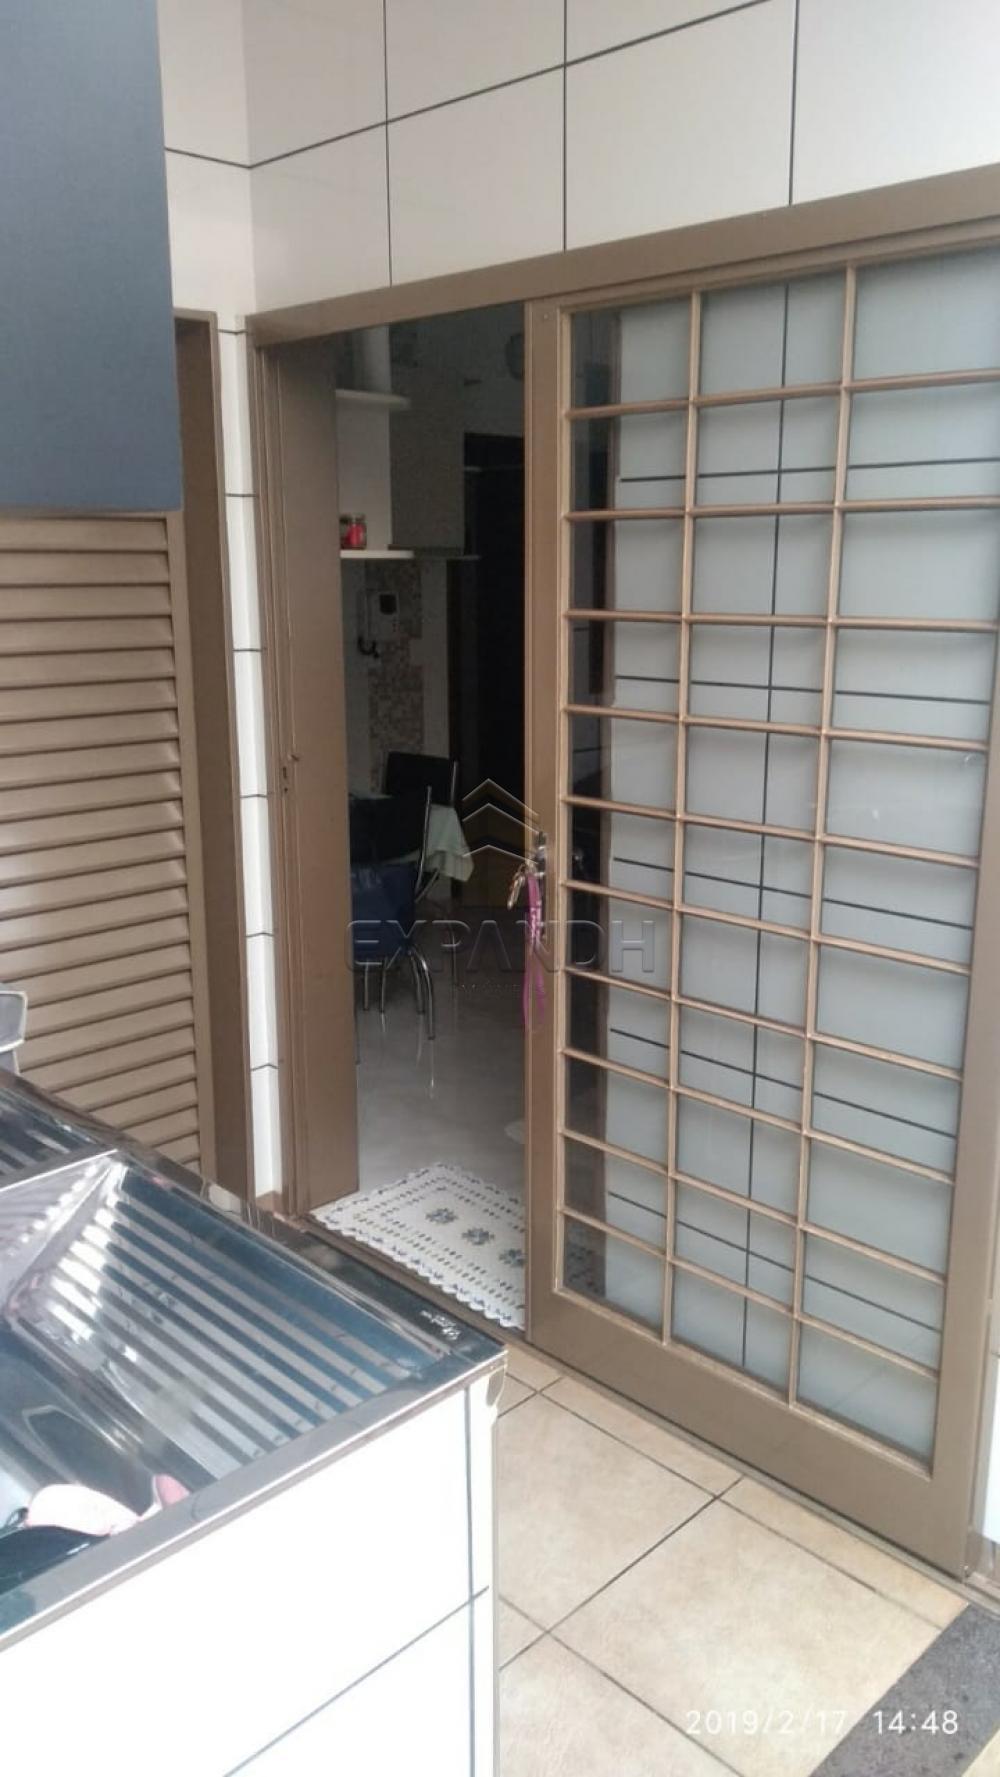 Comprar Casas / Padrão em Sertãozinho apenas R$ 355.000,00 - Foto 9